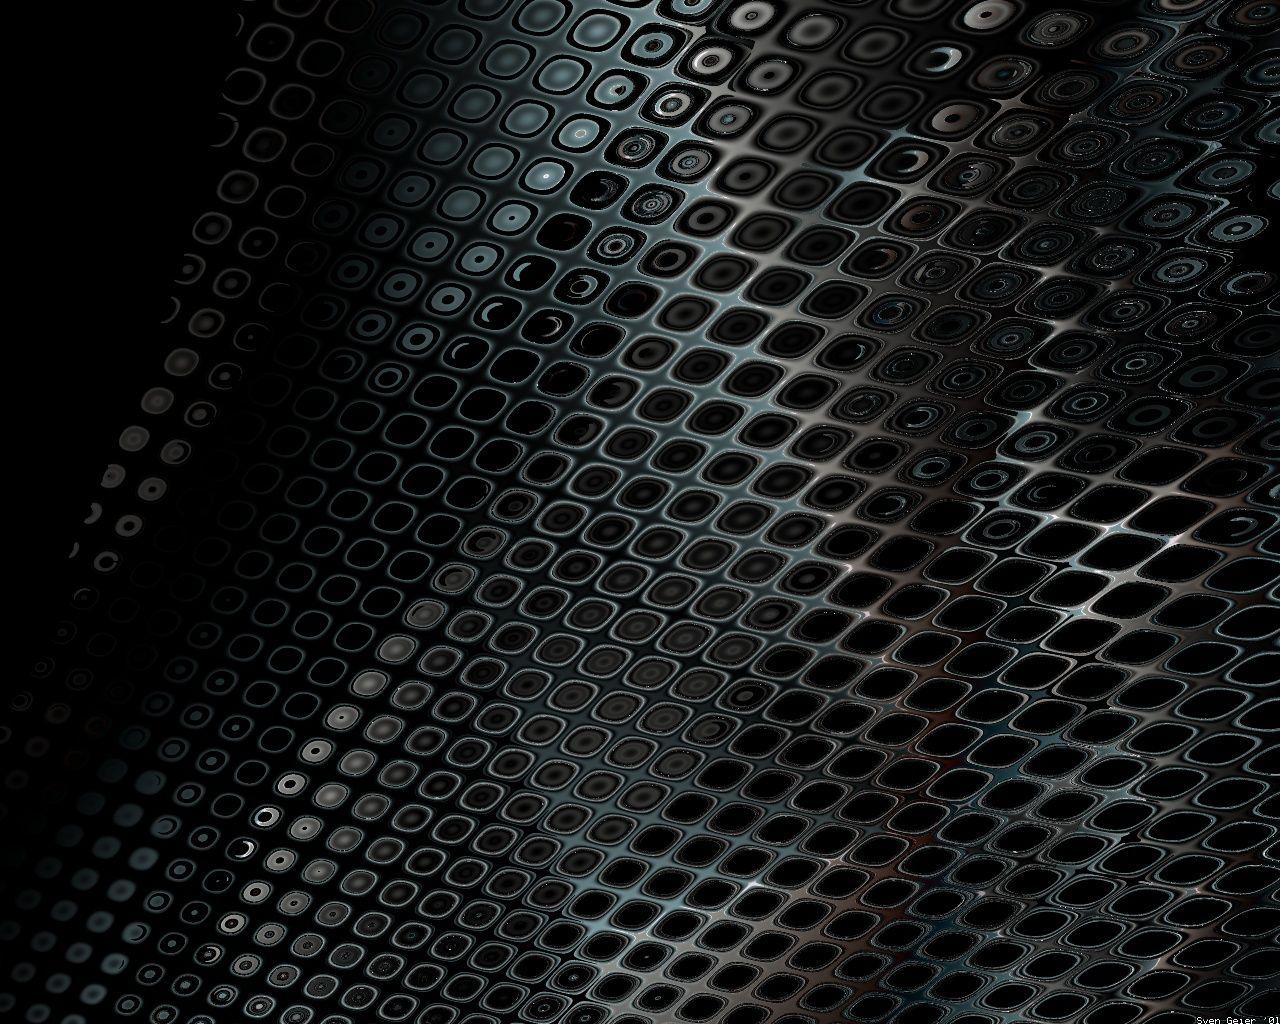 Pc Wallpaper 3d Eye Illusion The Fractal Bargain Bin Wallpapers Eye Candy Pretty